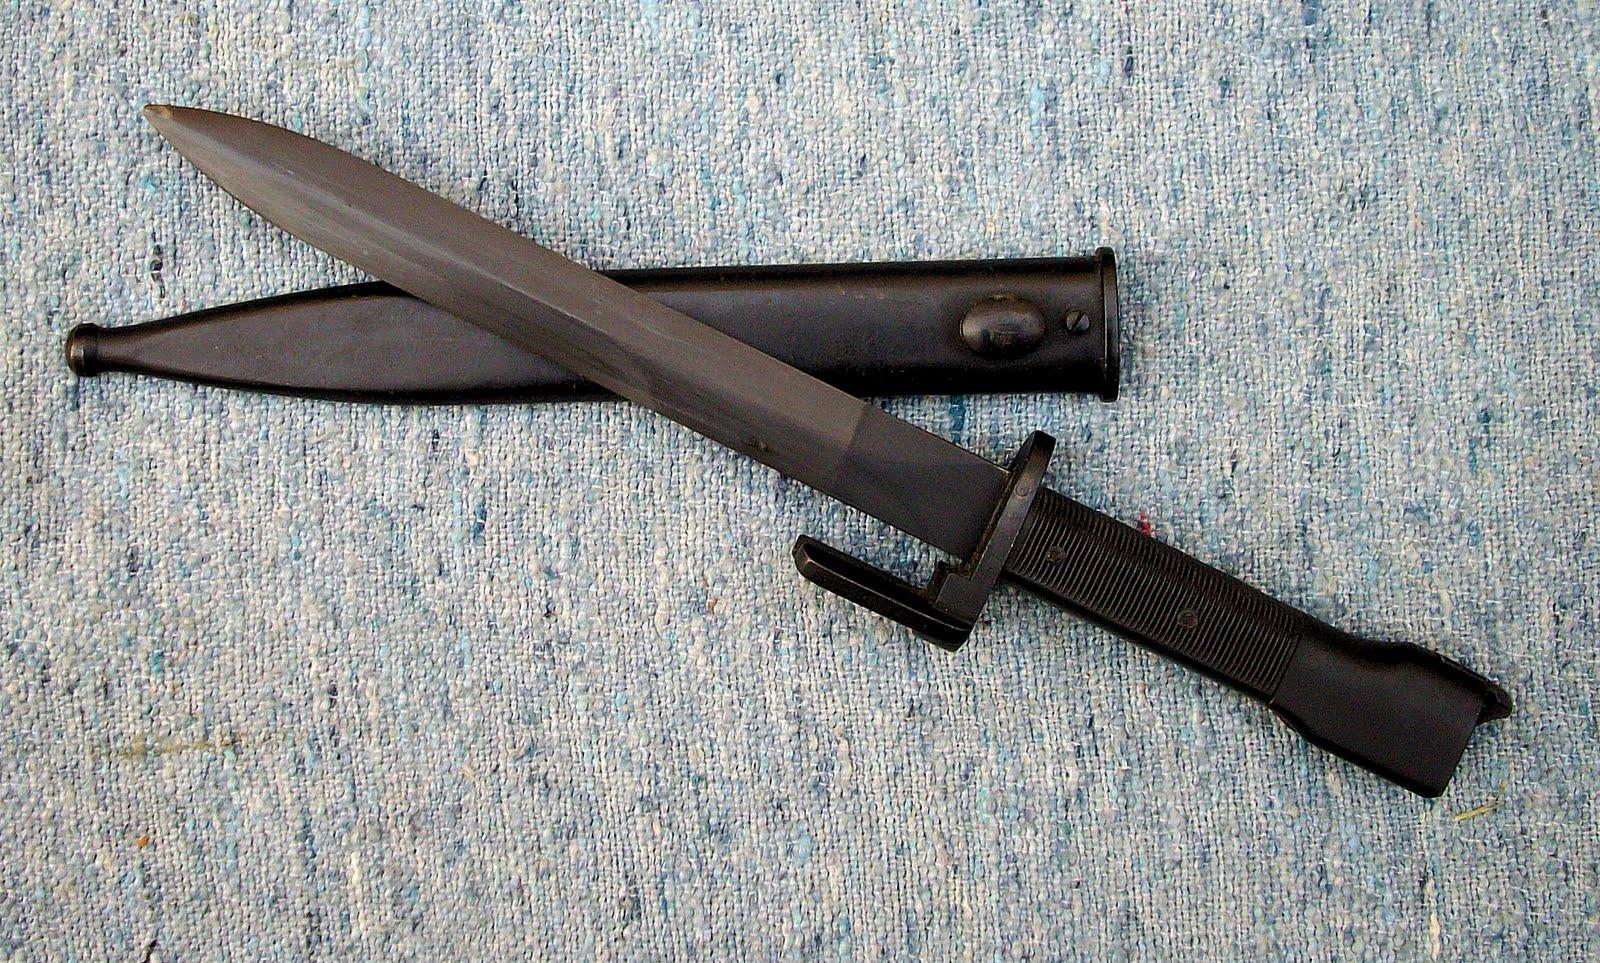 Antiguos sables,bayonetas y cuchillos de combate argentinos